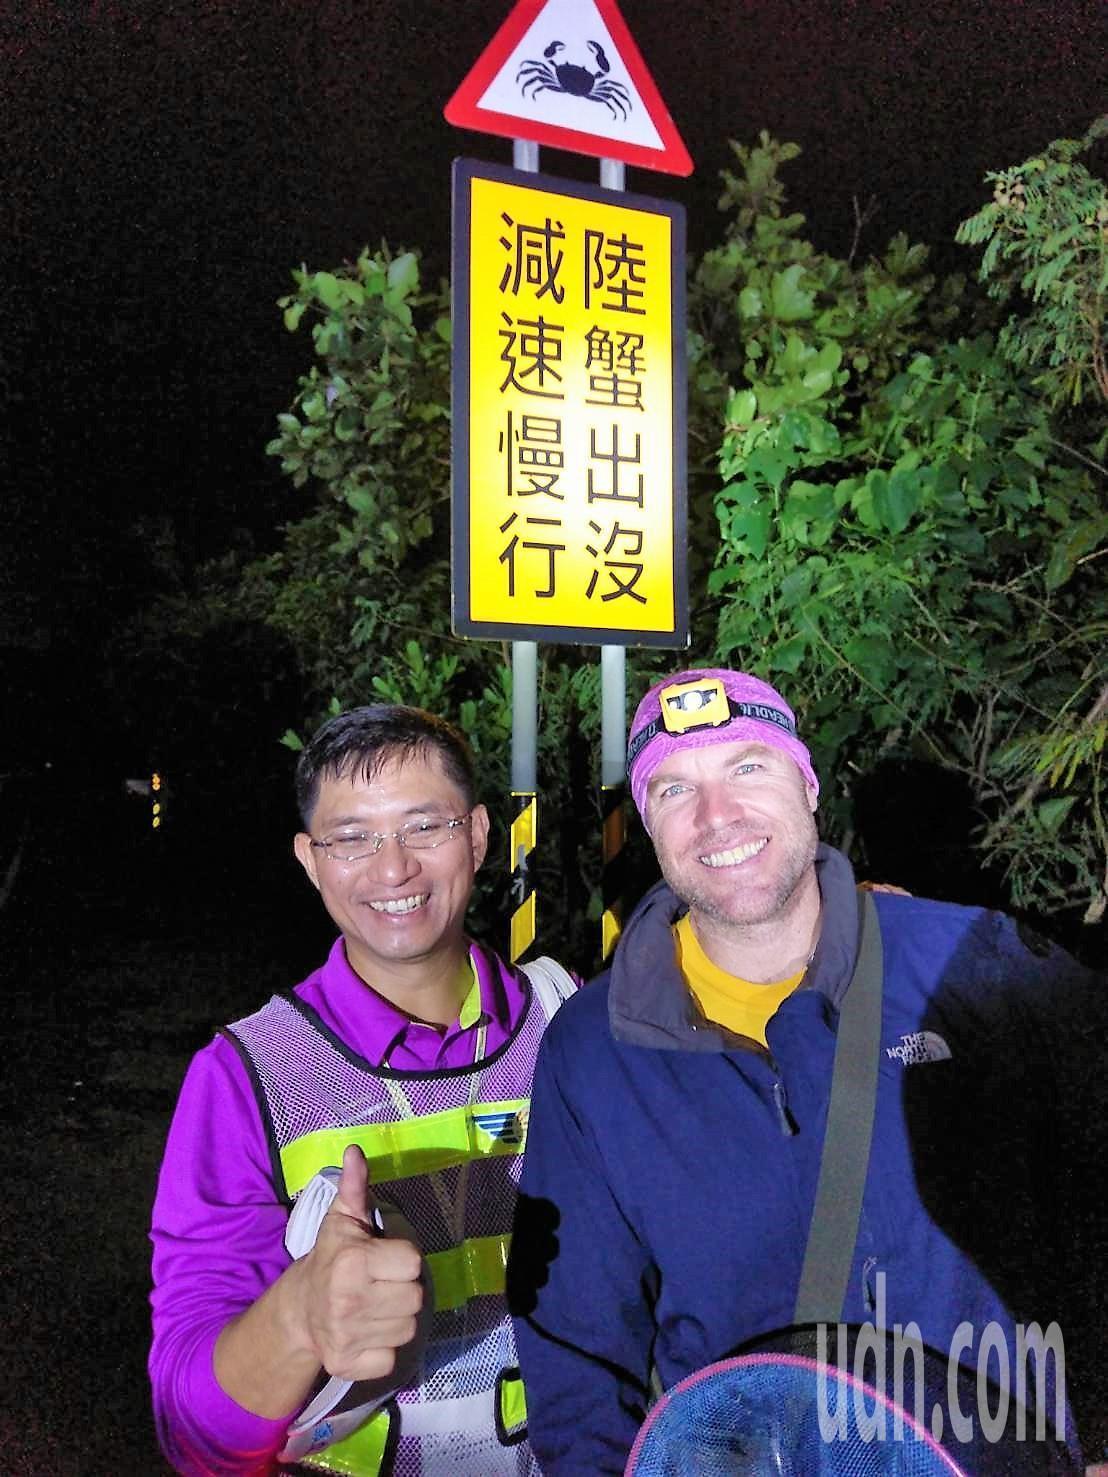 38歲加拿大籍青年崔佛(右)被「注意陸蟹、減速慢行」交通號誌吸引,得知「陸蟹天堂...